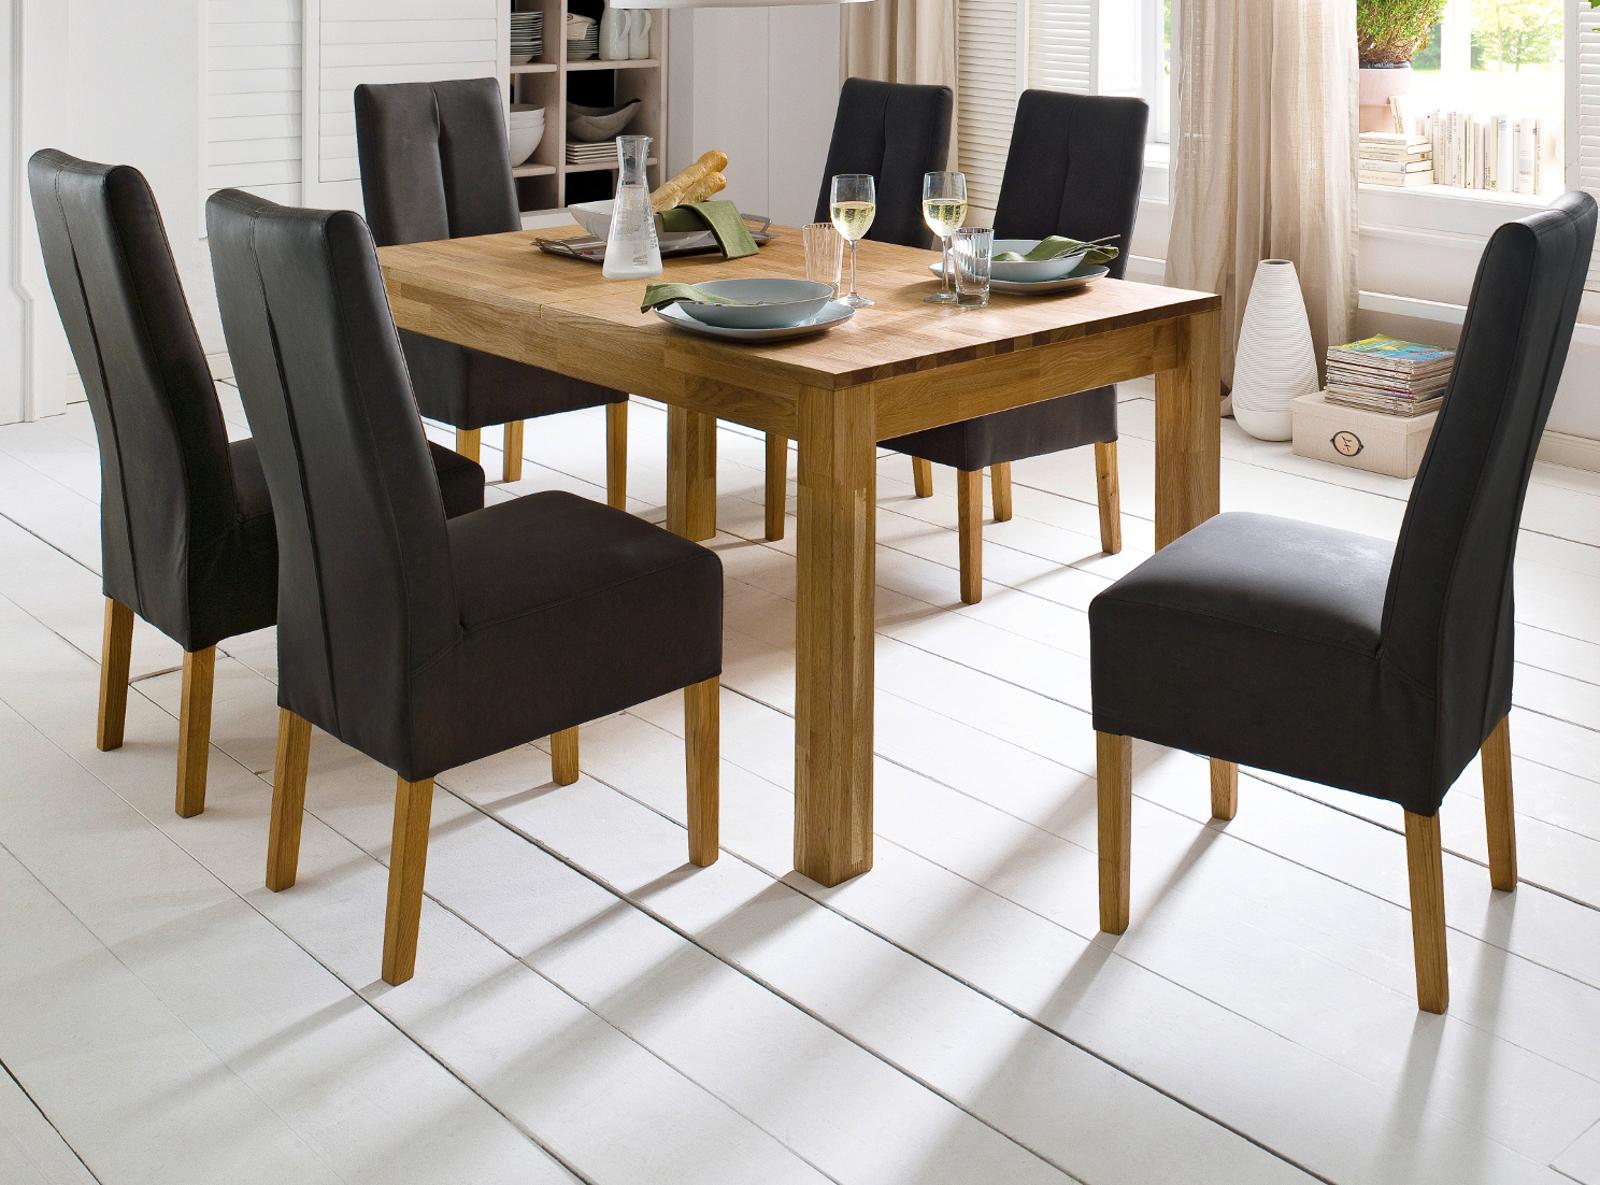 esstisch paul in wildeiche massiv 140 cm ausziehbar. Black Bedroom Furniture Sets. Home Design Ideas